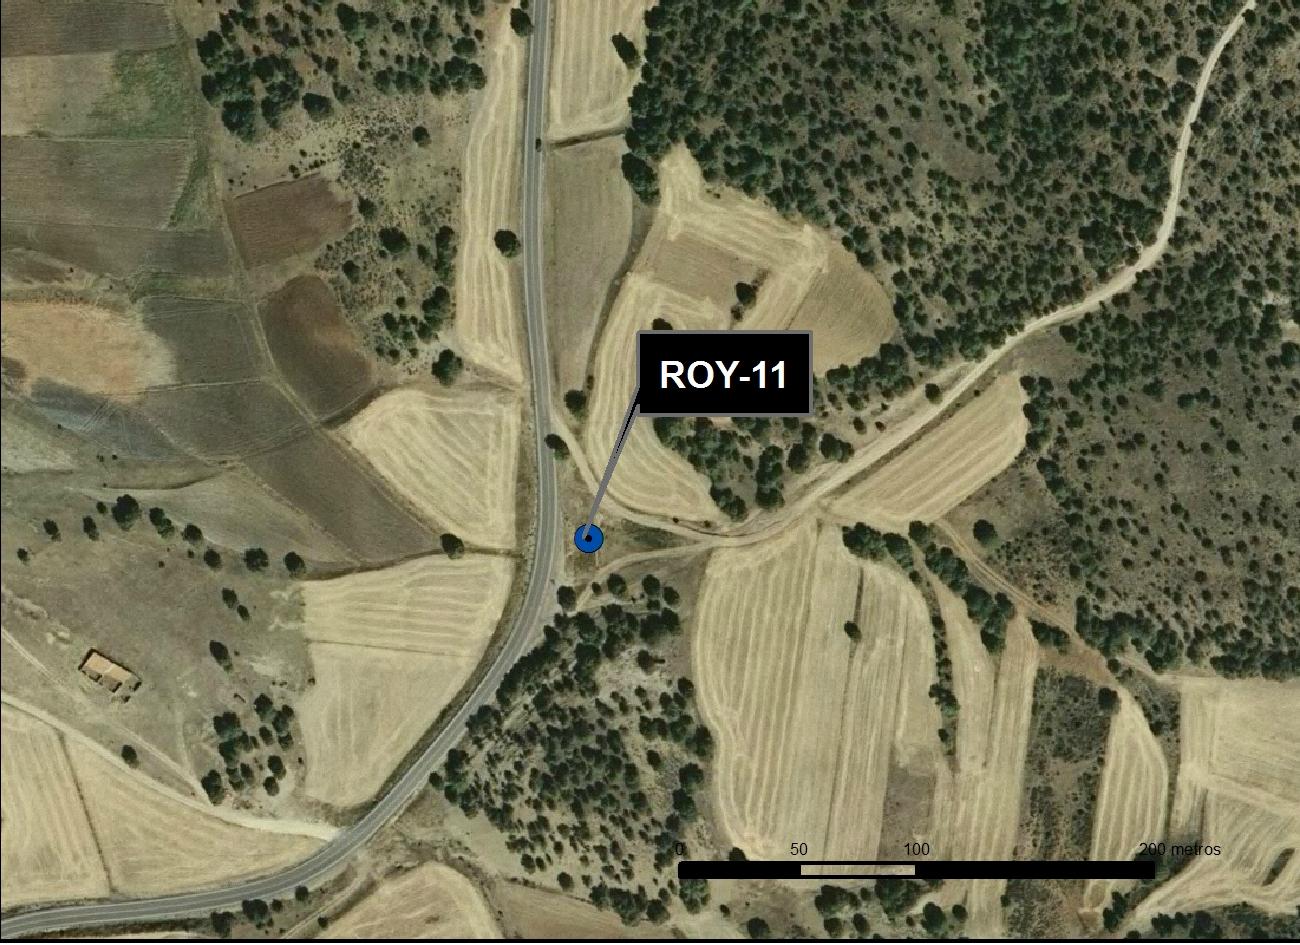 ROY_11_M.V.LOZANO_ FONTARRÓN DE LA TORRE_ORTO 1